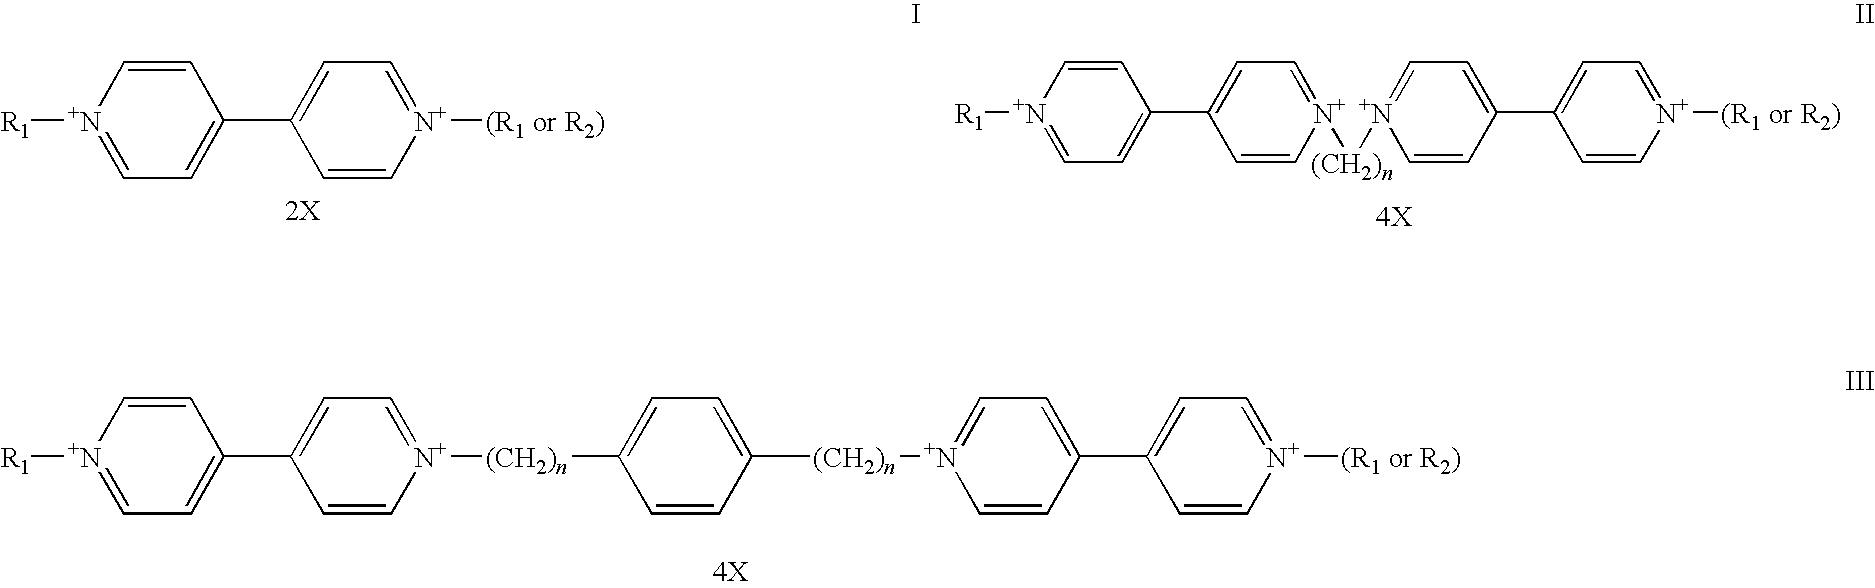 Figure US07576201-20090818-C00005